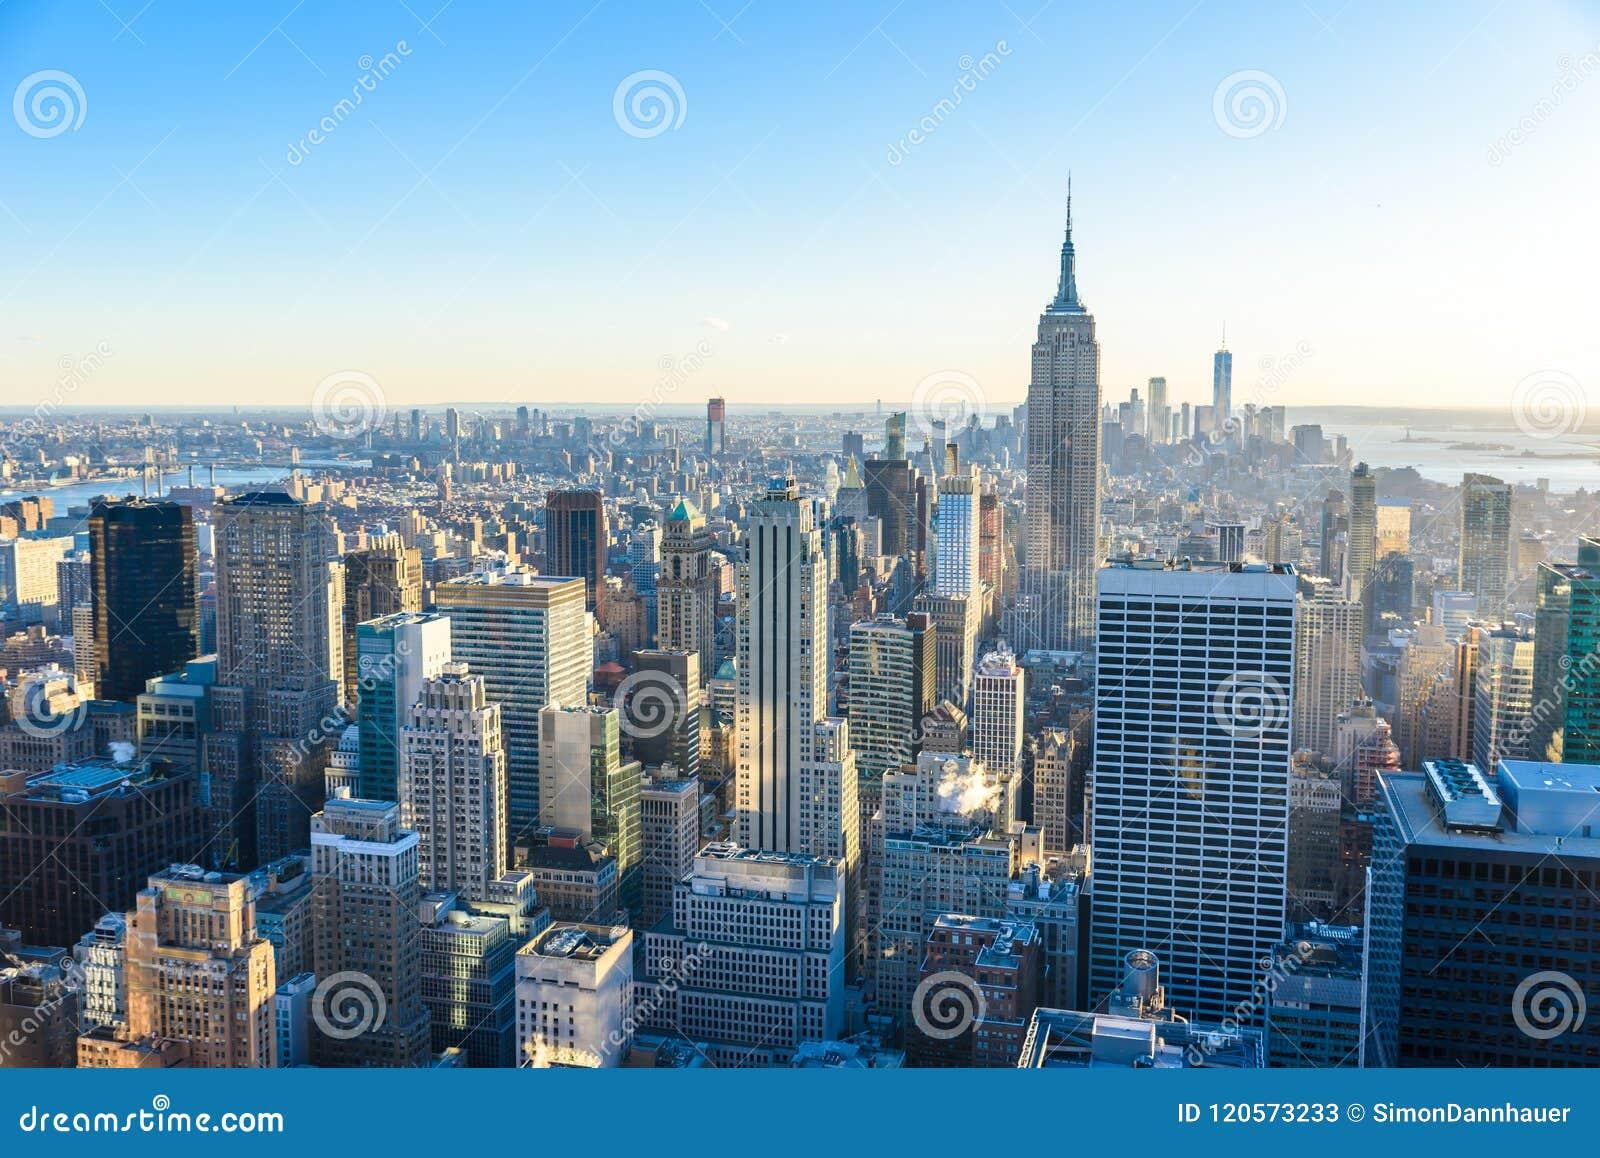 De Stad van New York - de V.S. Mening aan de Lower Manhattanhorizon van de binnenstad met beroemd Empire State Building en wolken